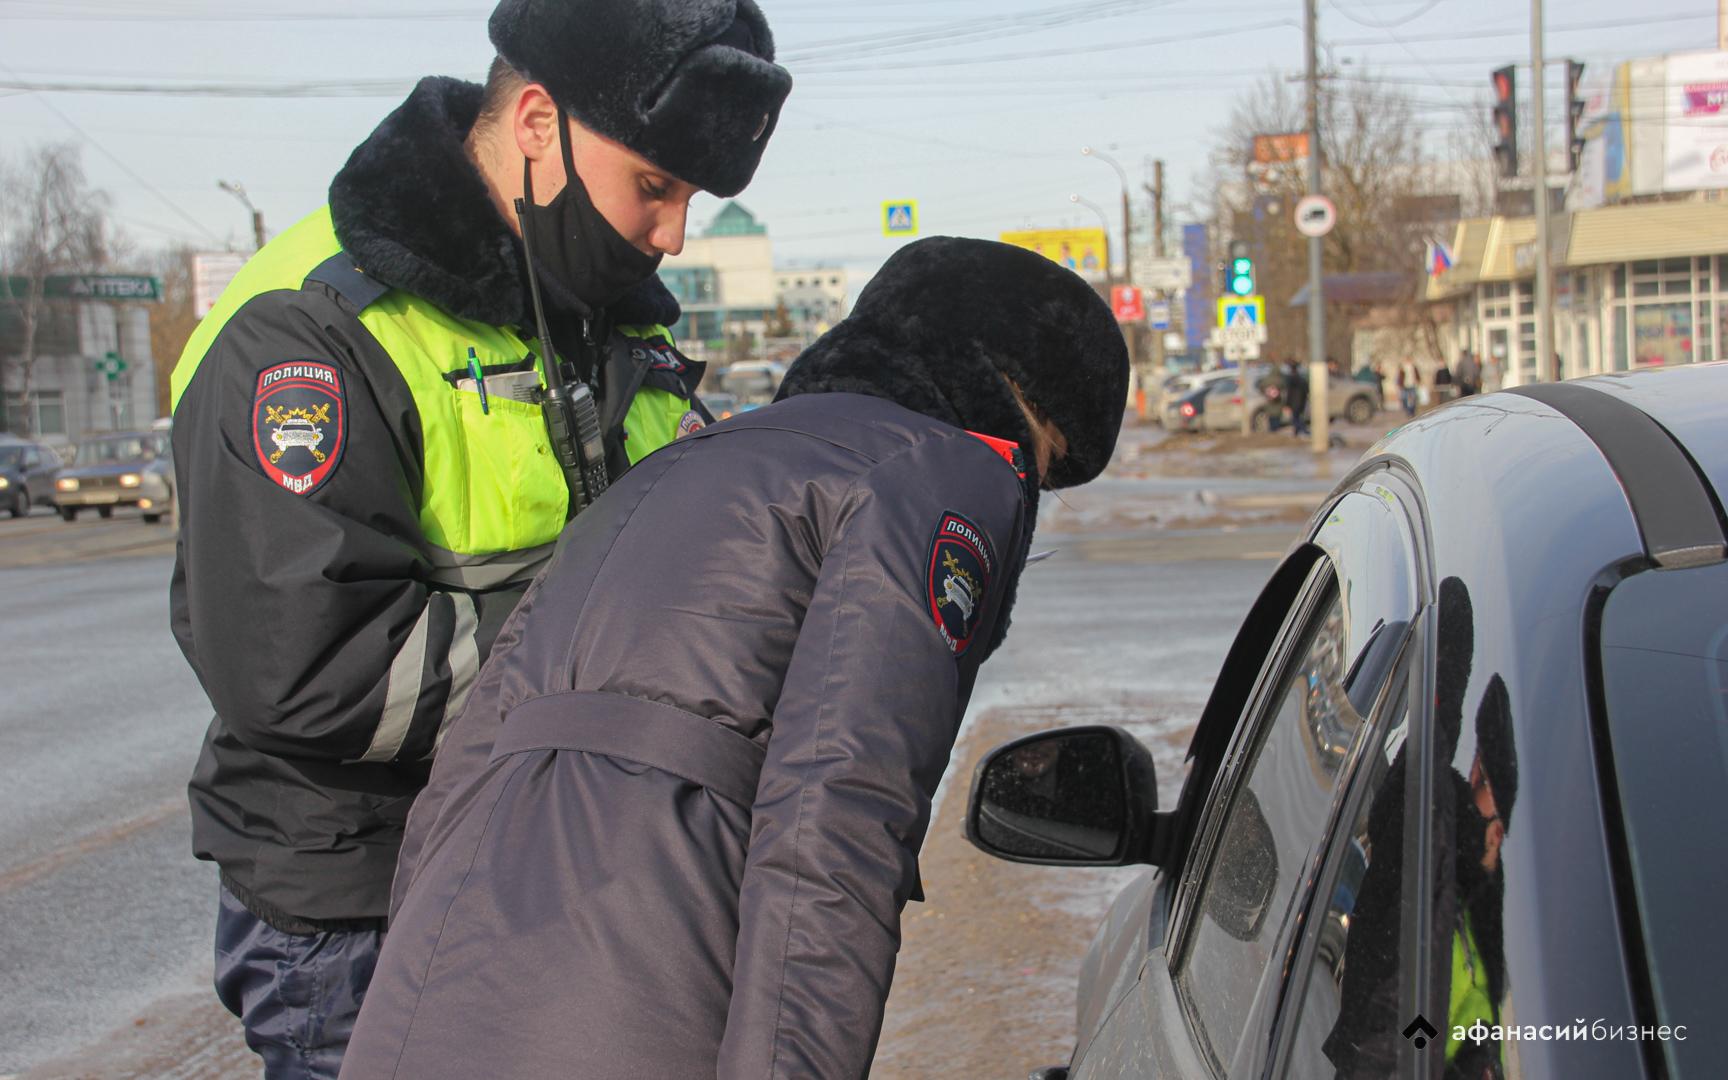 Госавтоинспекция Твери напомнила детям, родителям и водителям о простых правилах безопасности перед долгими выходными - новости Афанасий